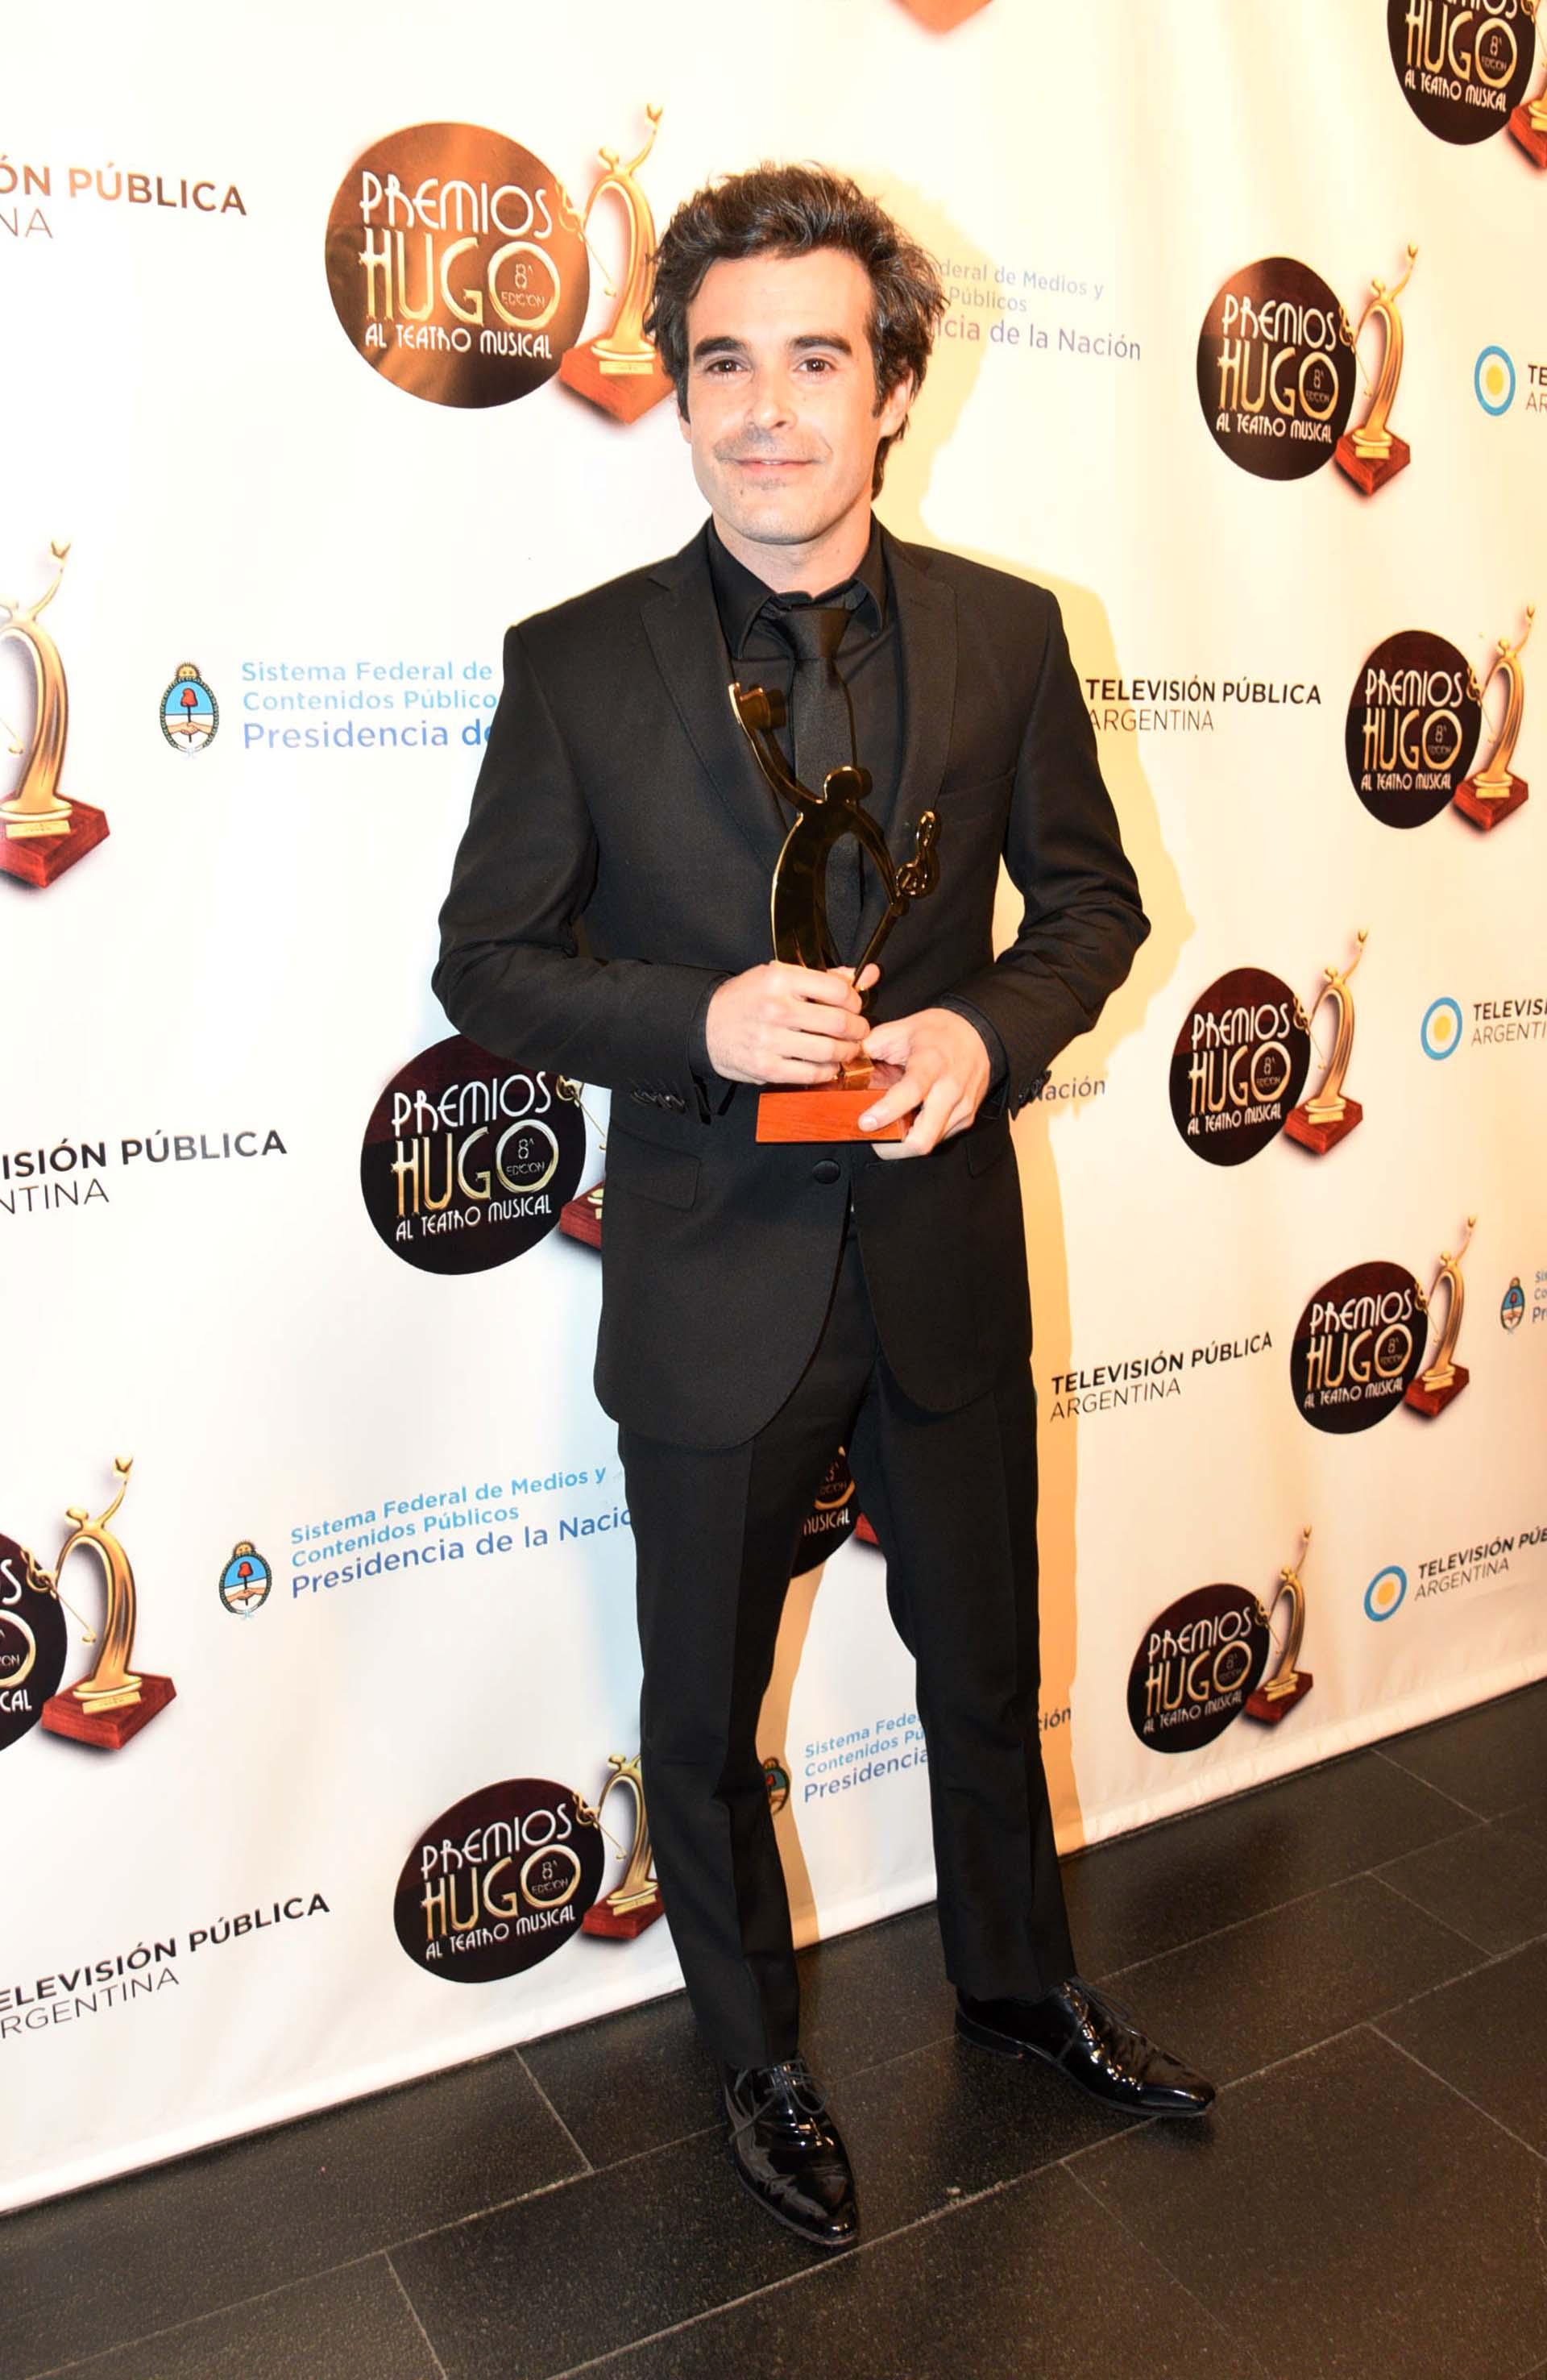 """Nicolás Cabre fue distinguido por su interpretación en """"Sugar"""" en los premios Hugo"""